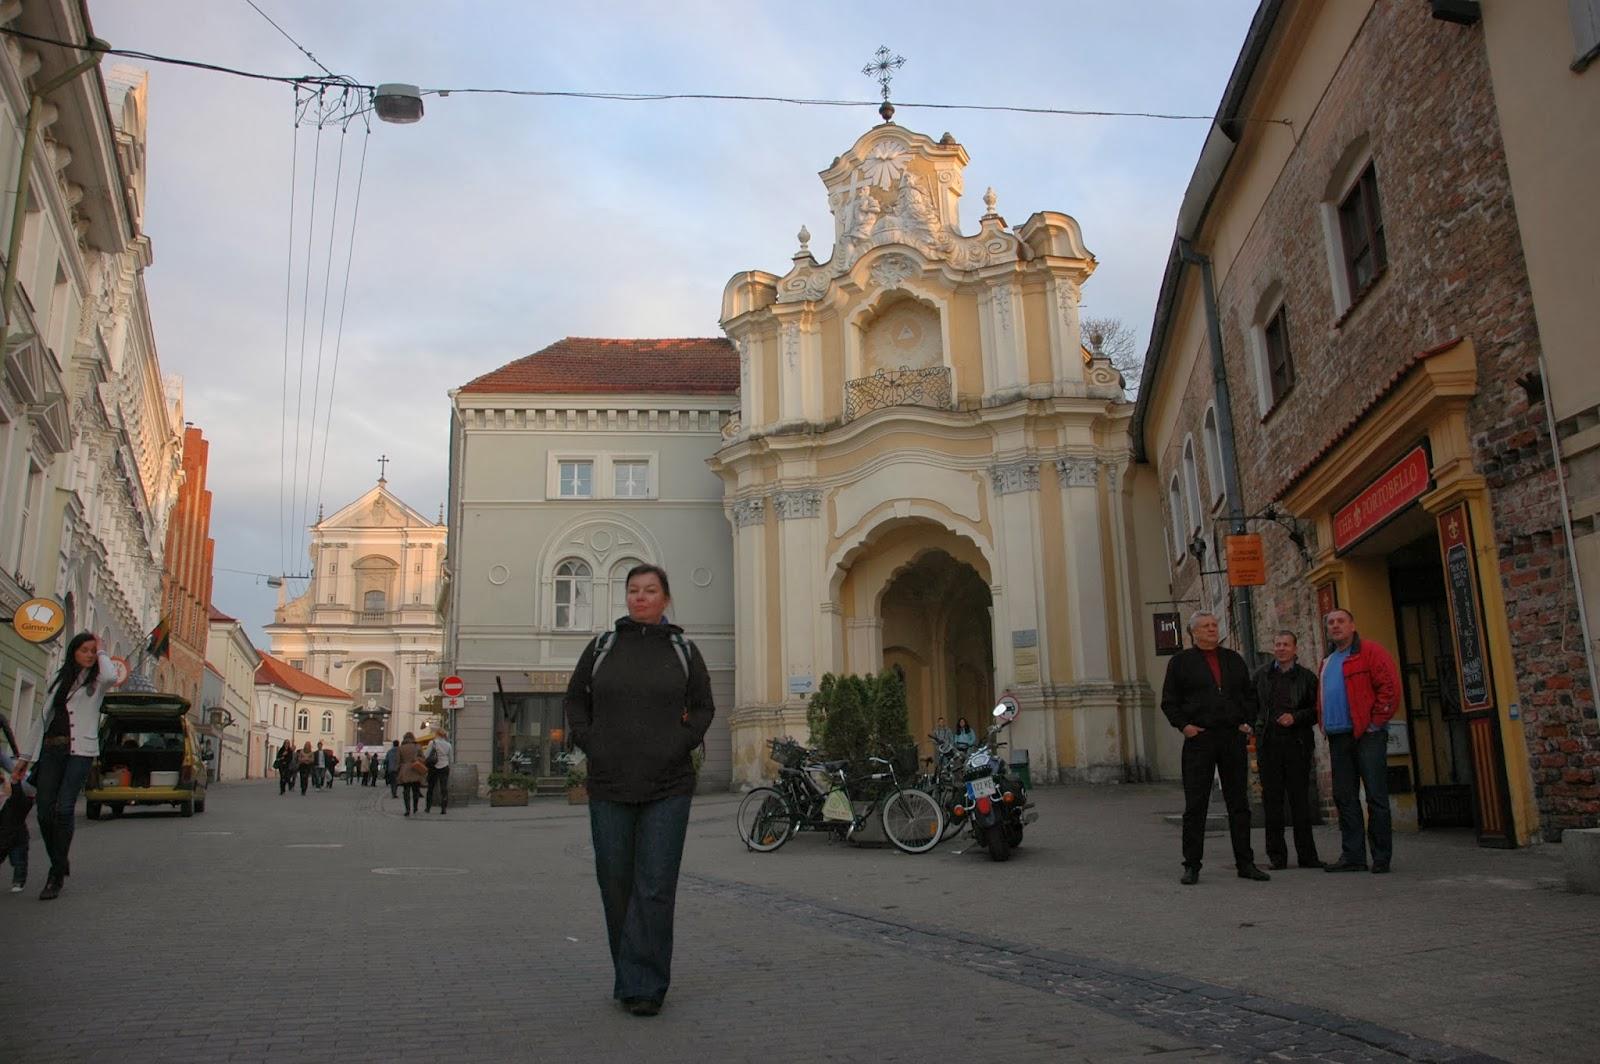 kościół św. Trójcy w Wilnie